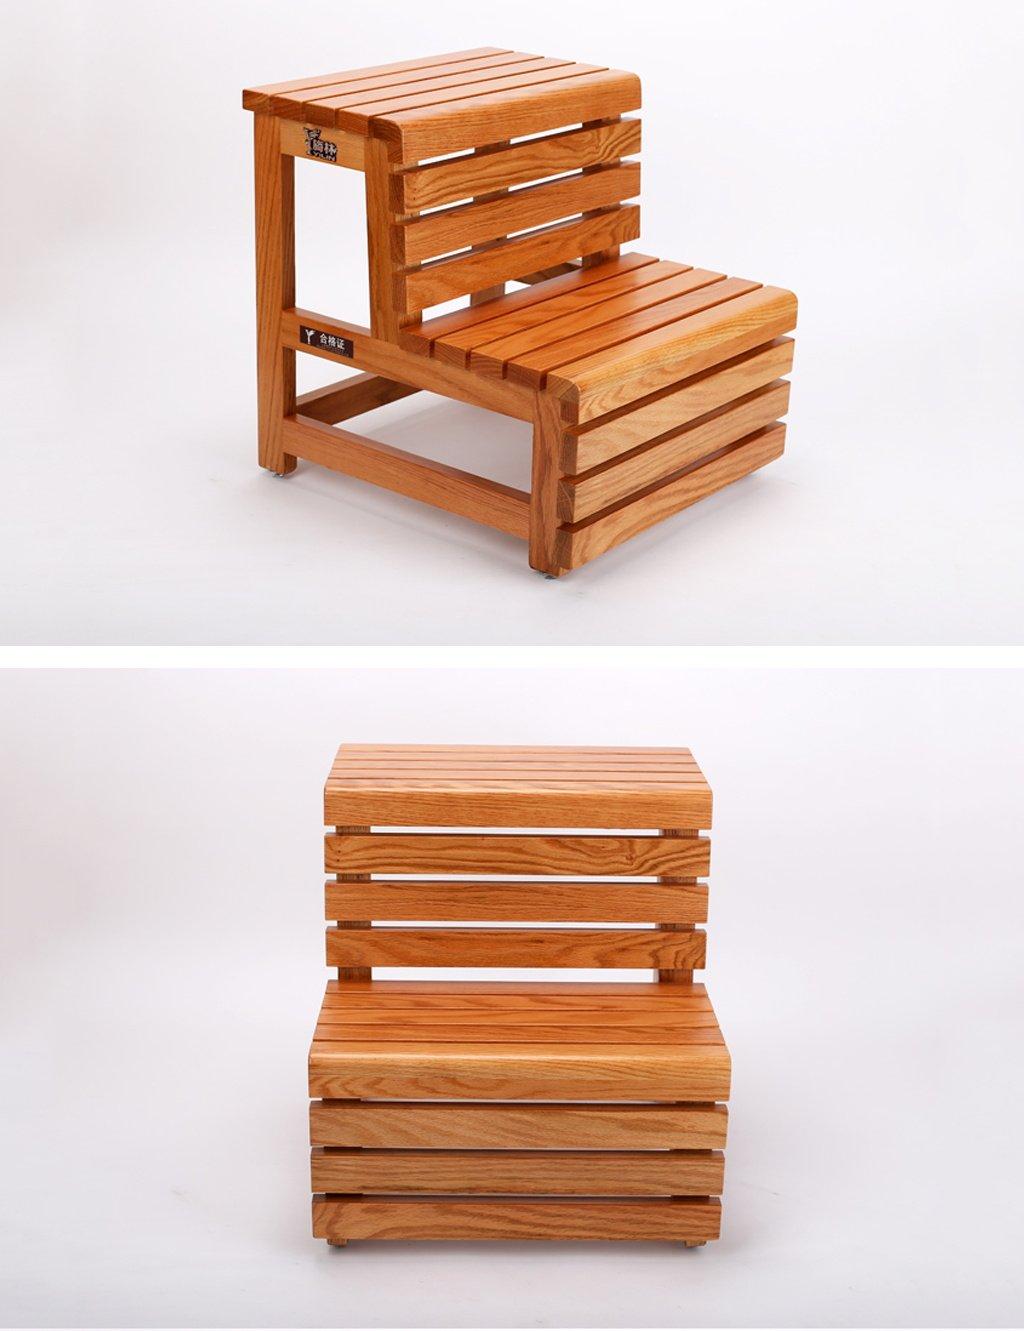 LAXF- Sillas Escalera Plegable Madera Niños de Madera Maciza Taburete de 2 Pasos para el baño Dormitorio Cocina Muebles de Sala de Estar: Amazon.es: Hogar